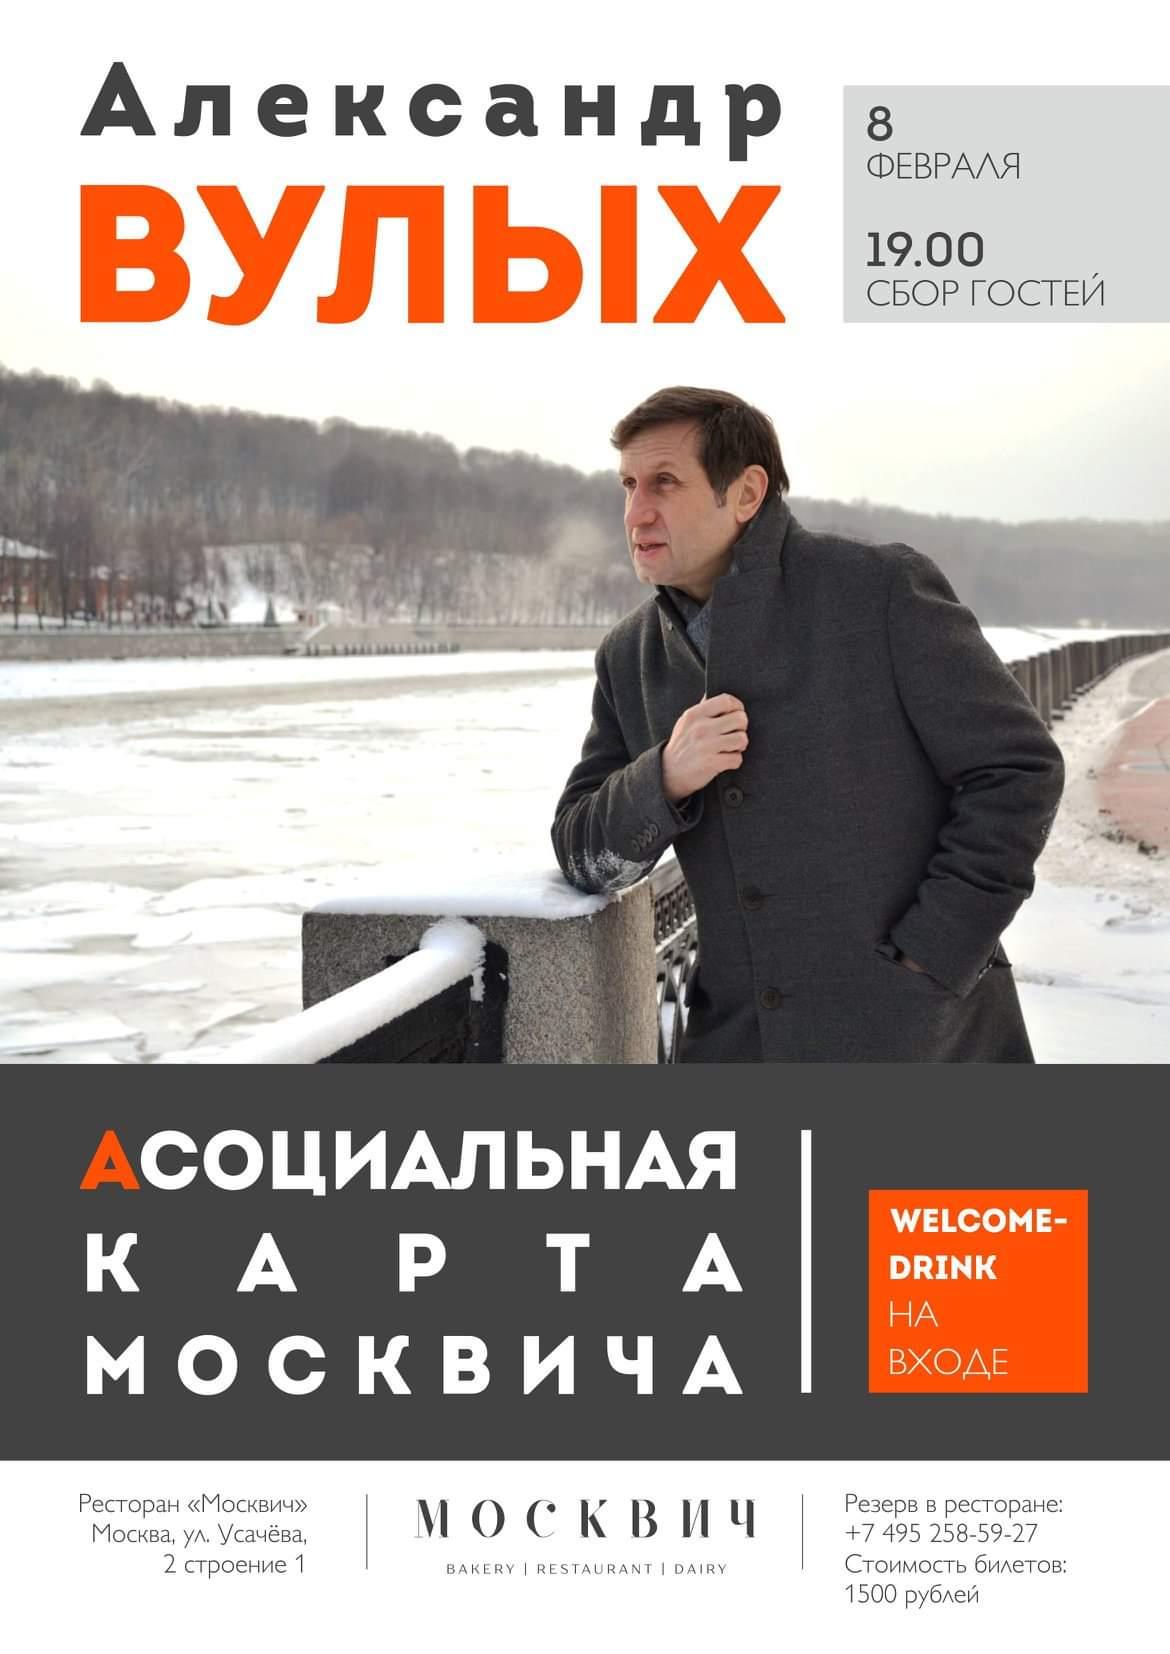 8 февраля! Александр Вулых приглашает в ресторан «МОСКВИЧ»!